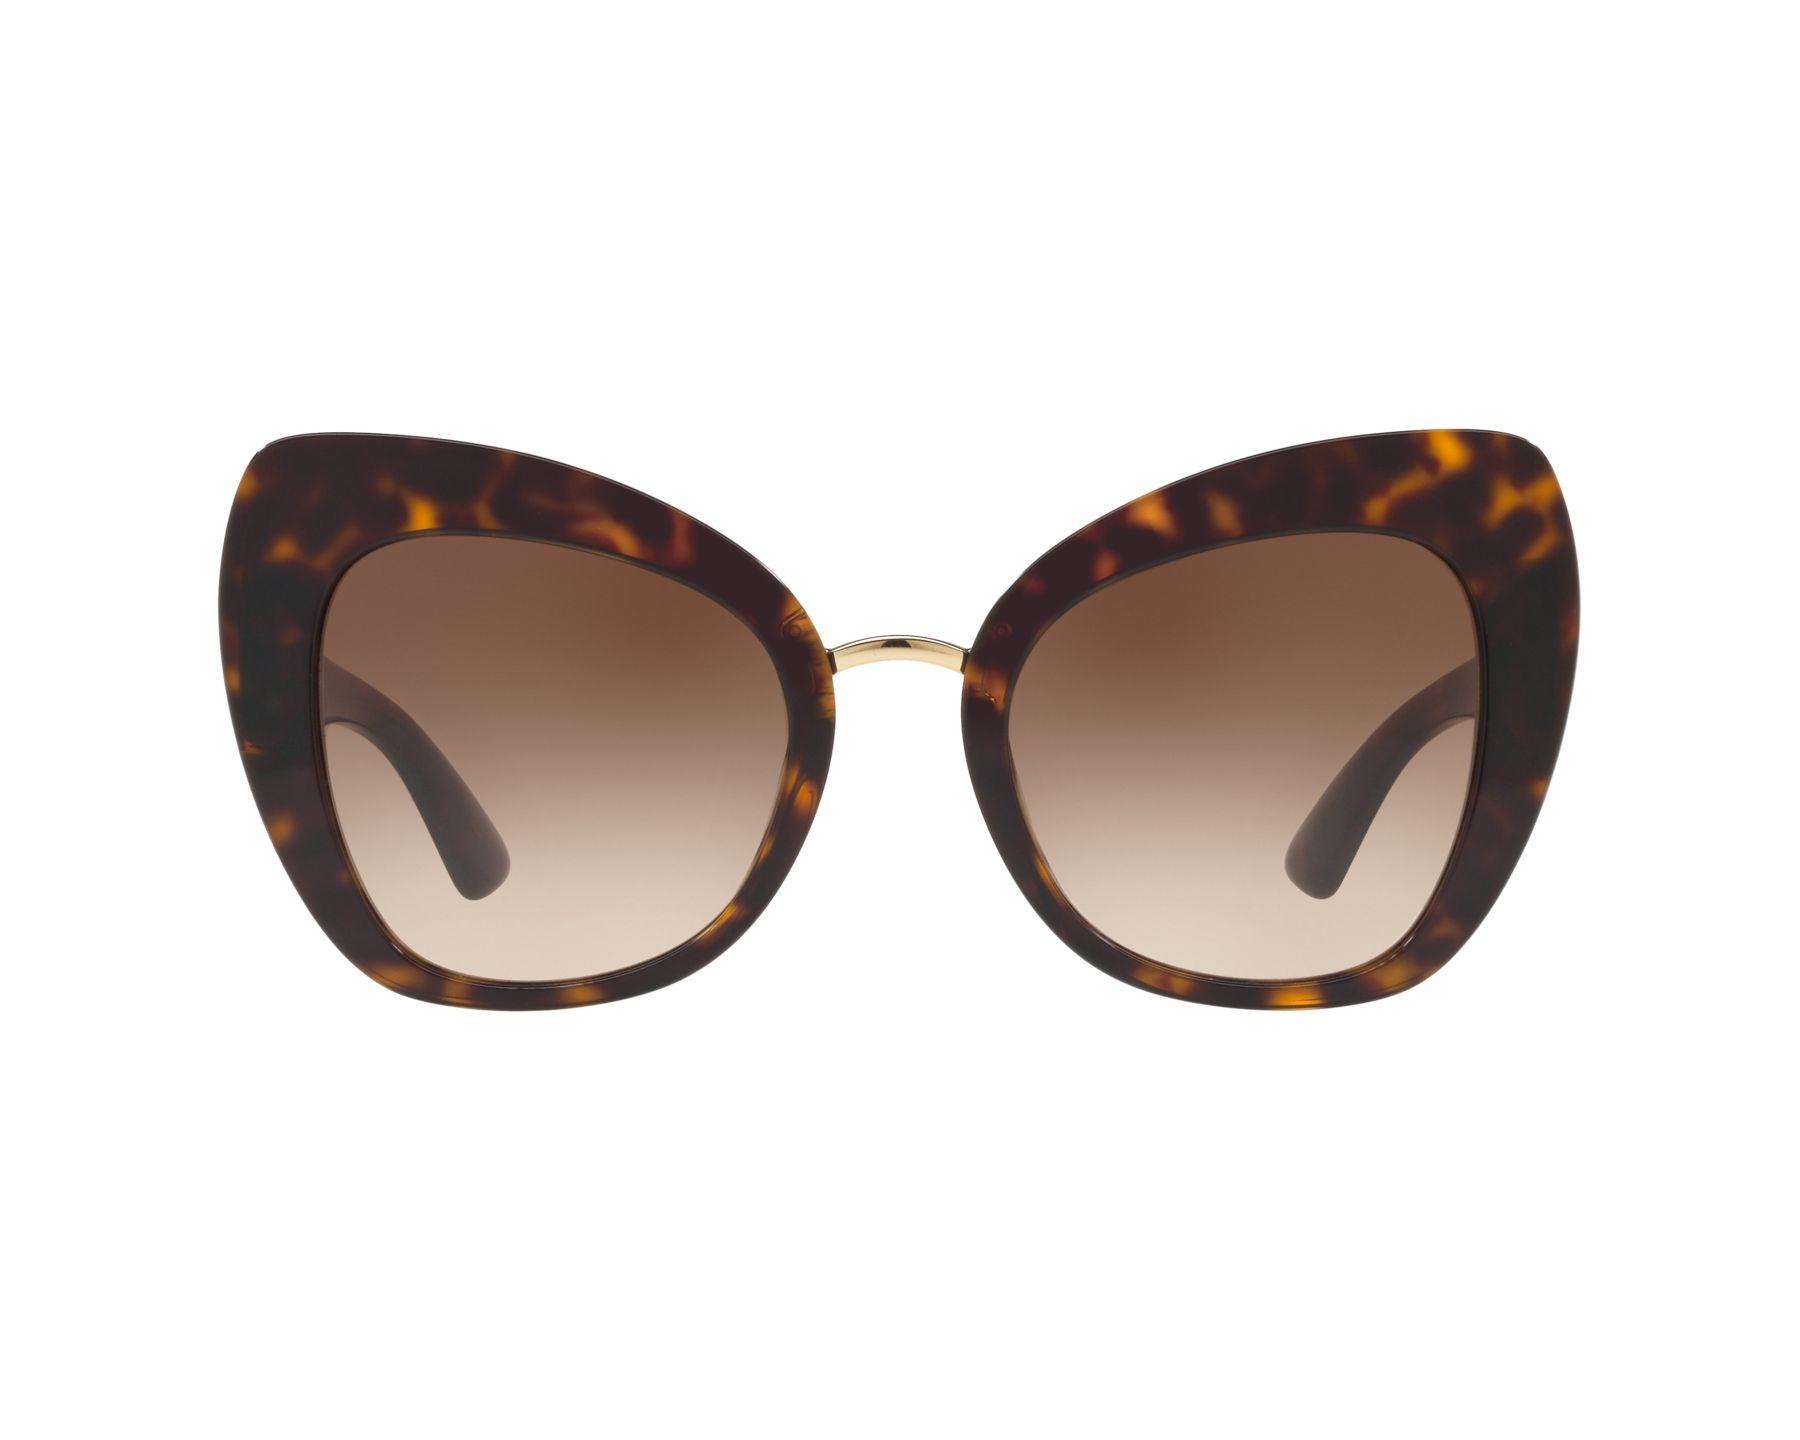 Lunettes de soleil Dolce   Gabbana DG-4319 502 13 51-22 Havane e631cd53ae4f